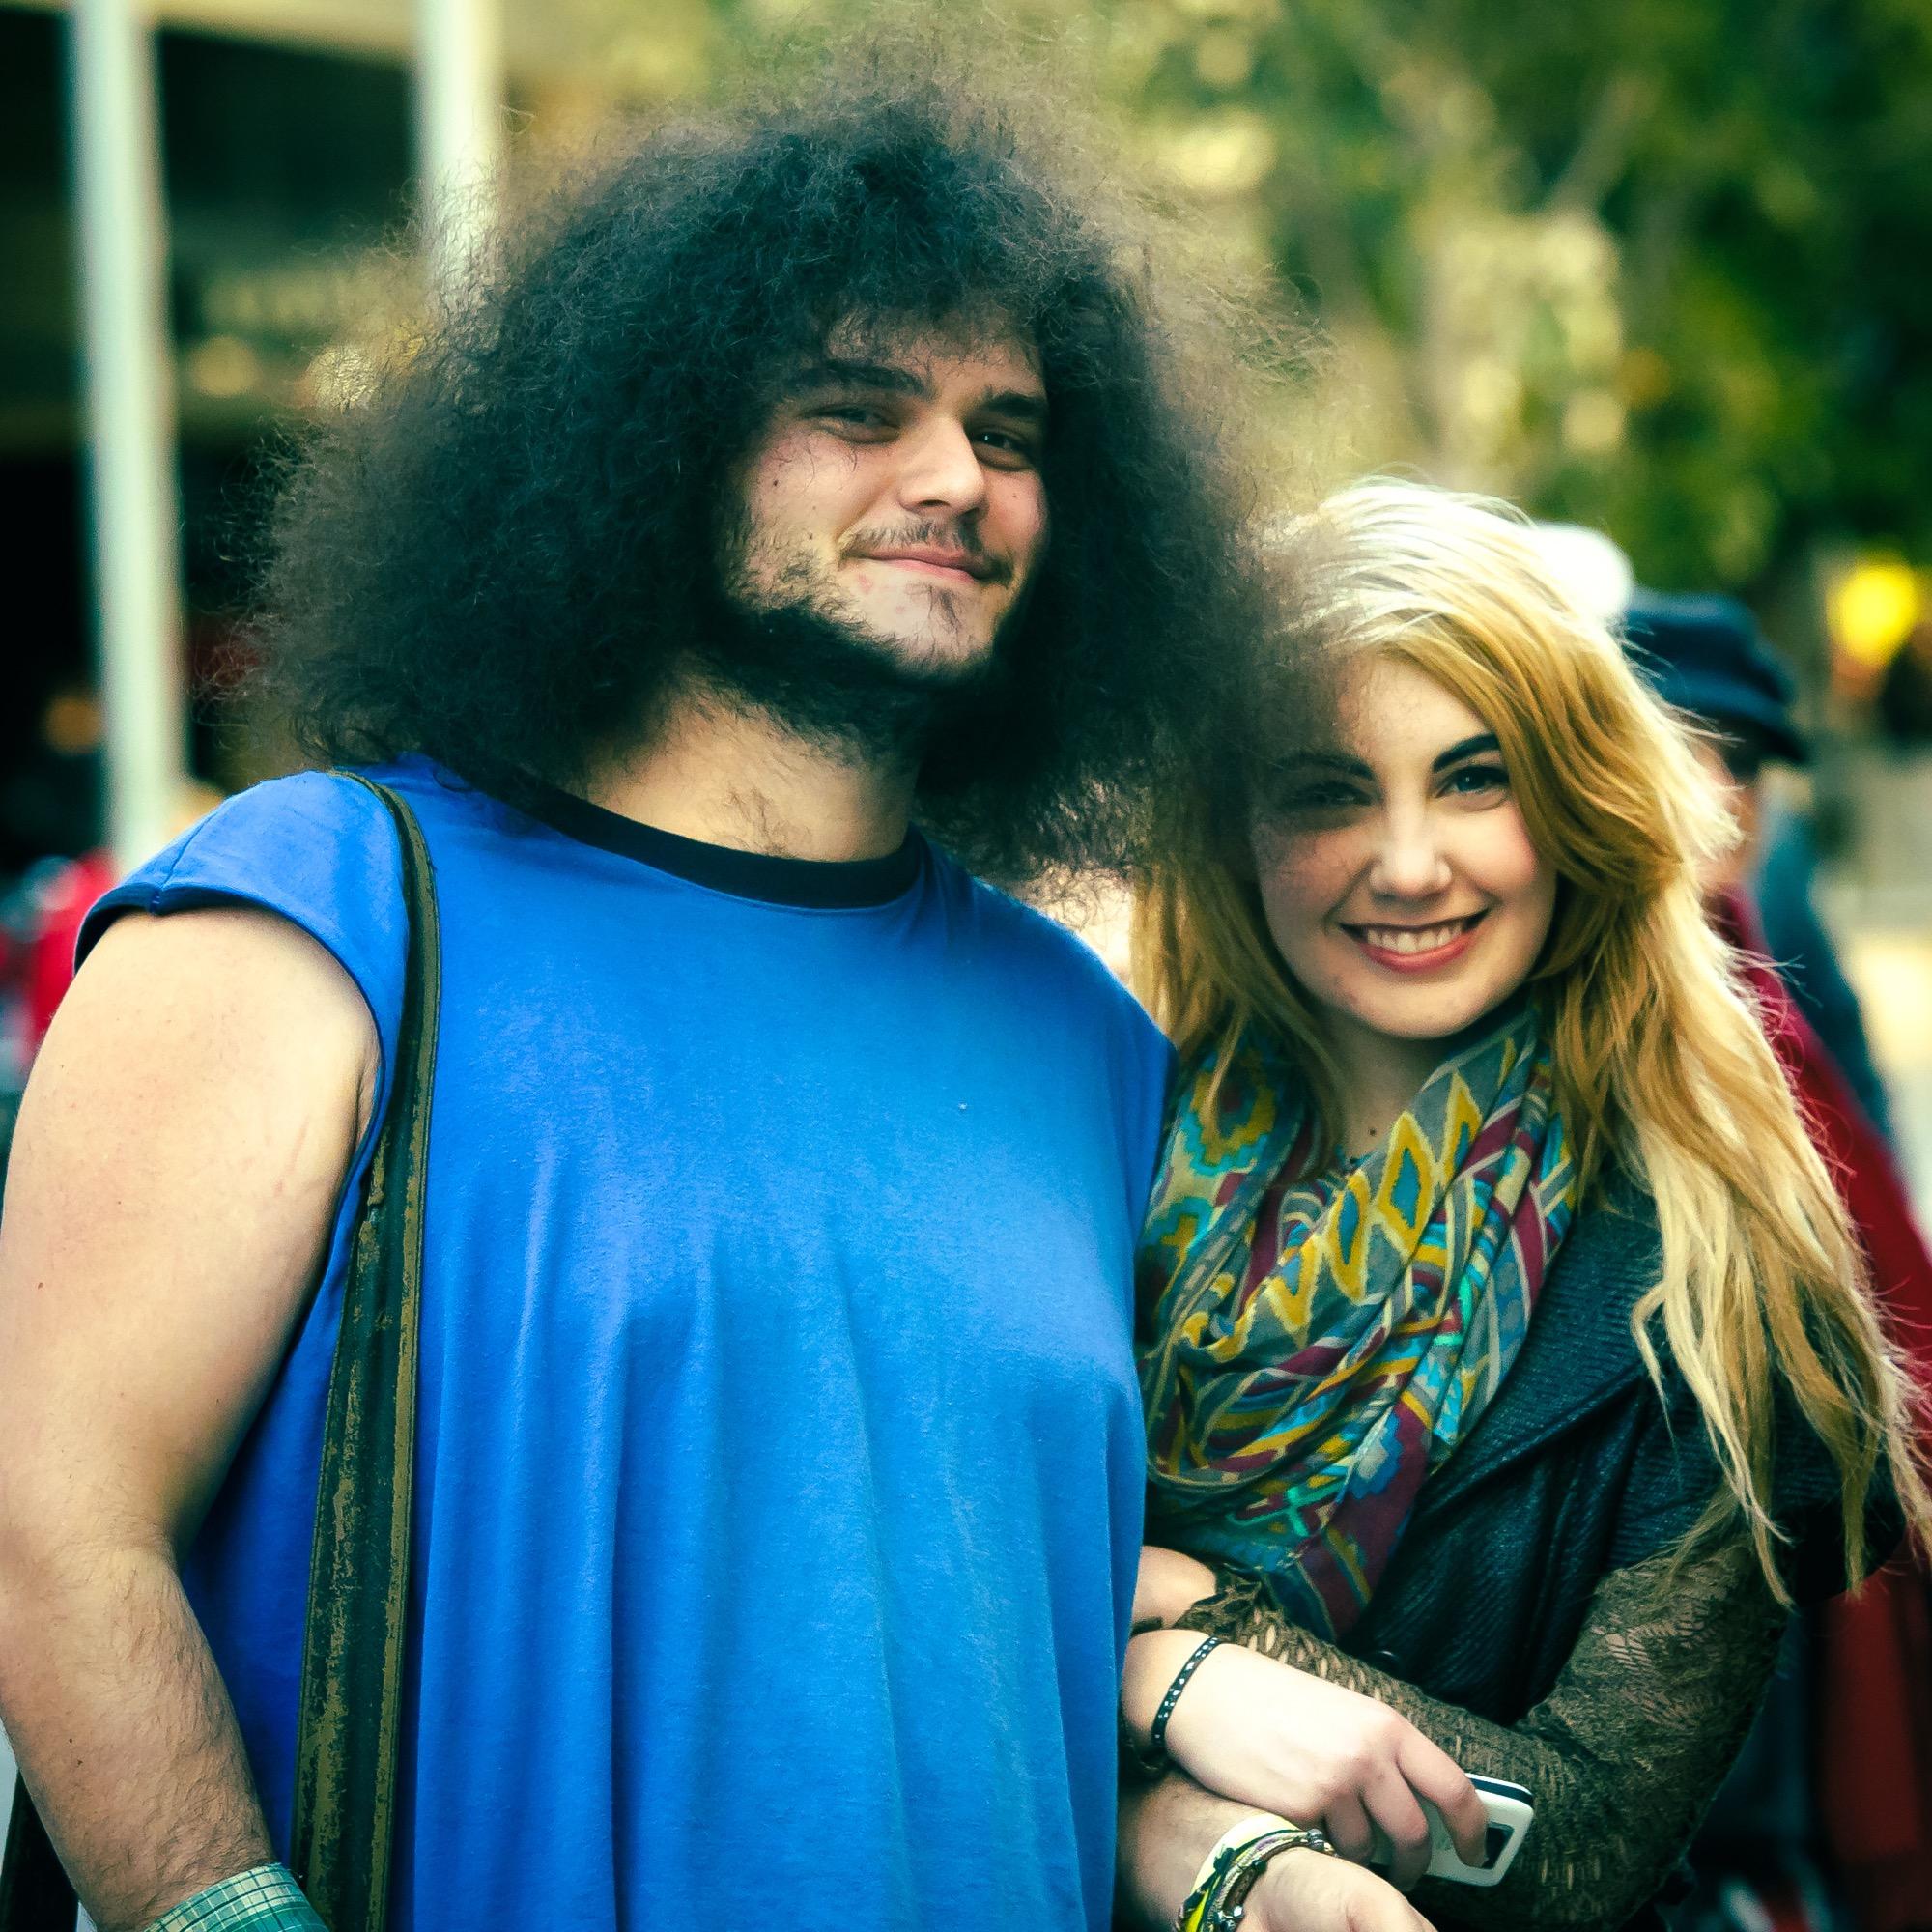 Random, awesome couple